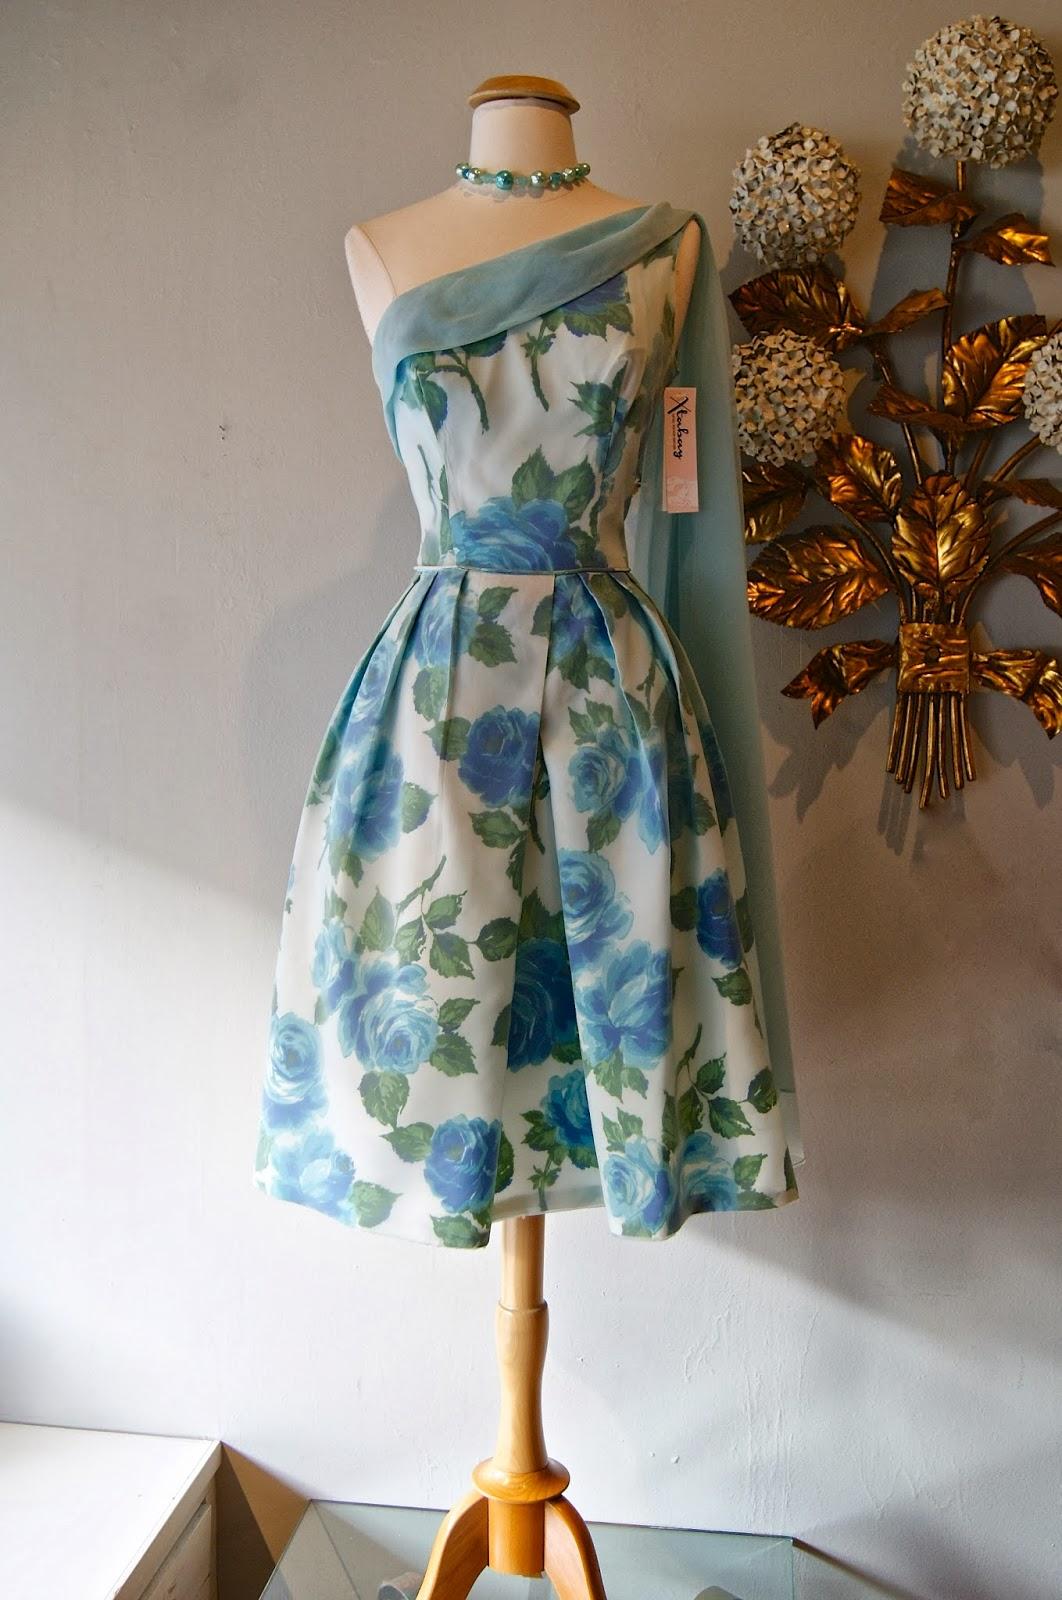 3af4846d57f57 Xtabay Vintage Clothing Boutique - Portland, Oregon